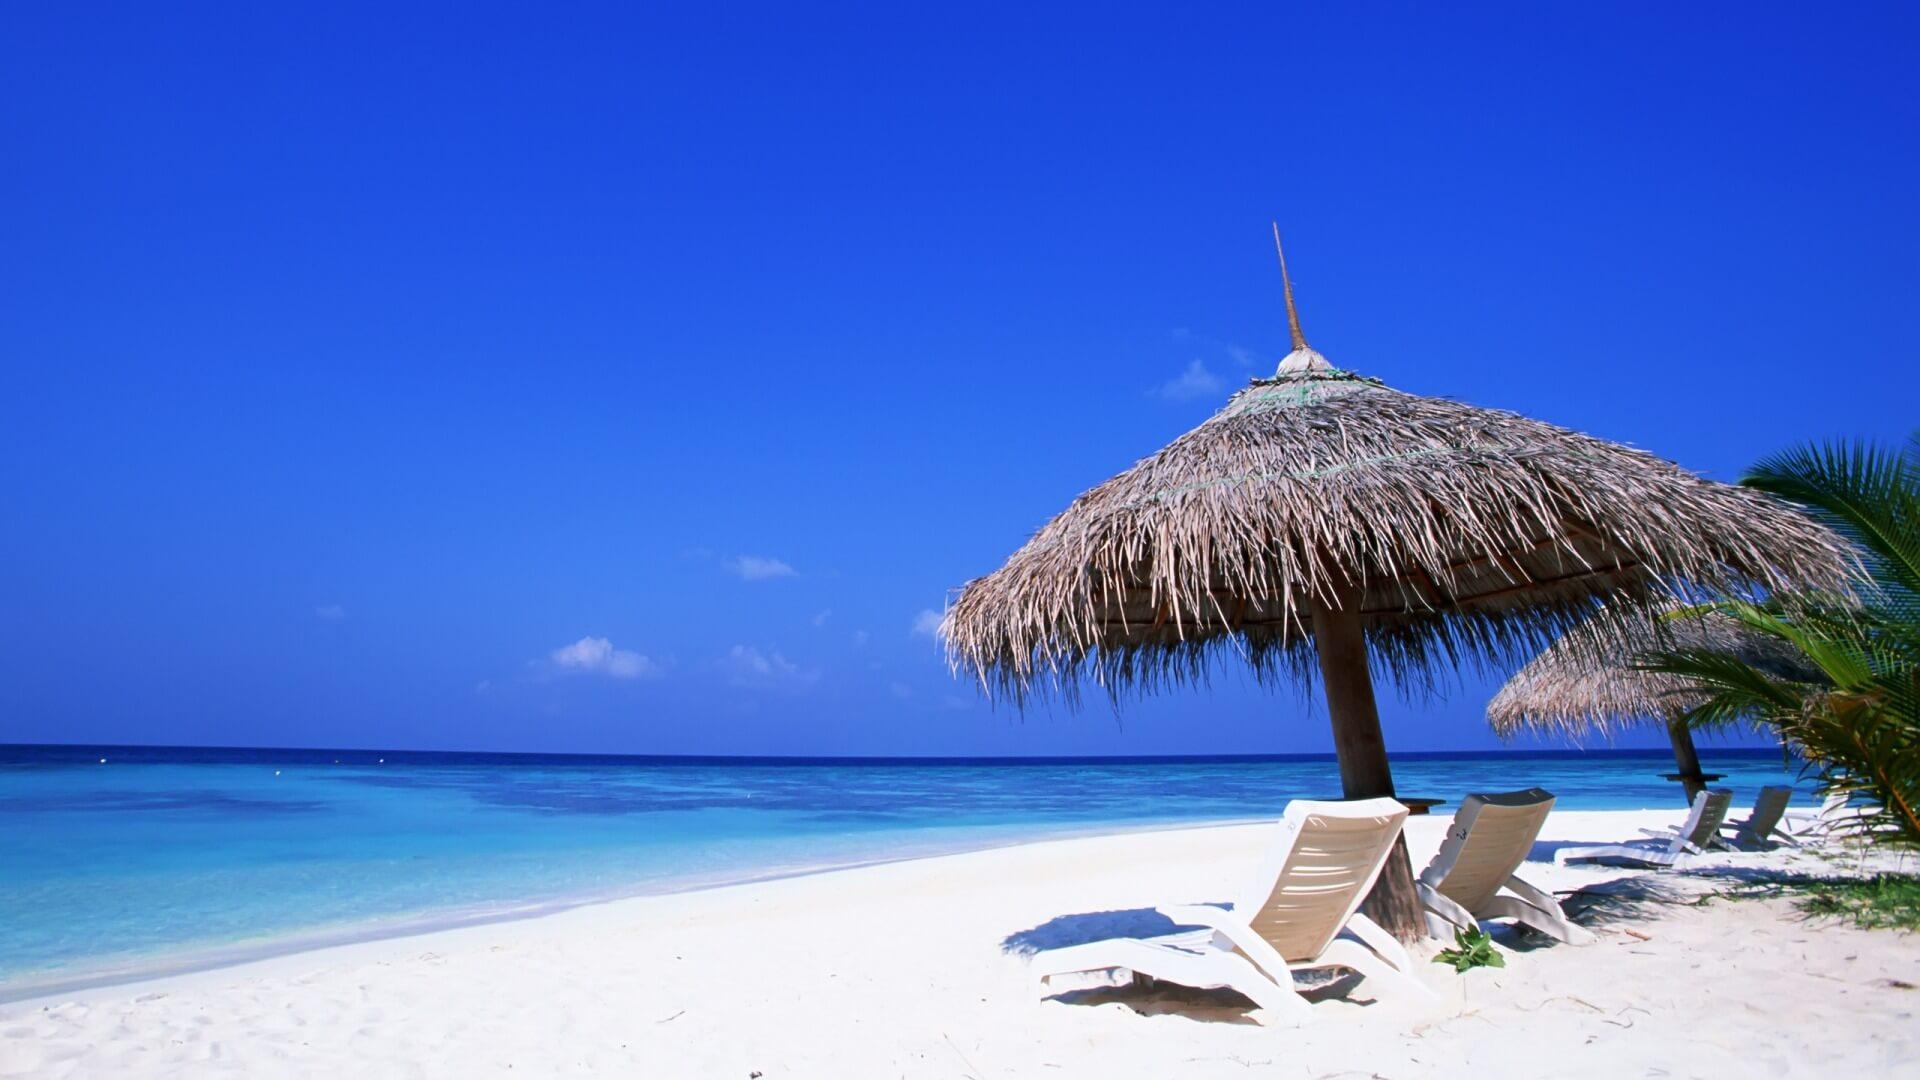 Красивые картинки пляжа для рабочего стола - подборка 14